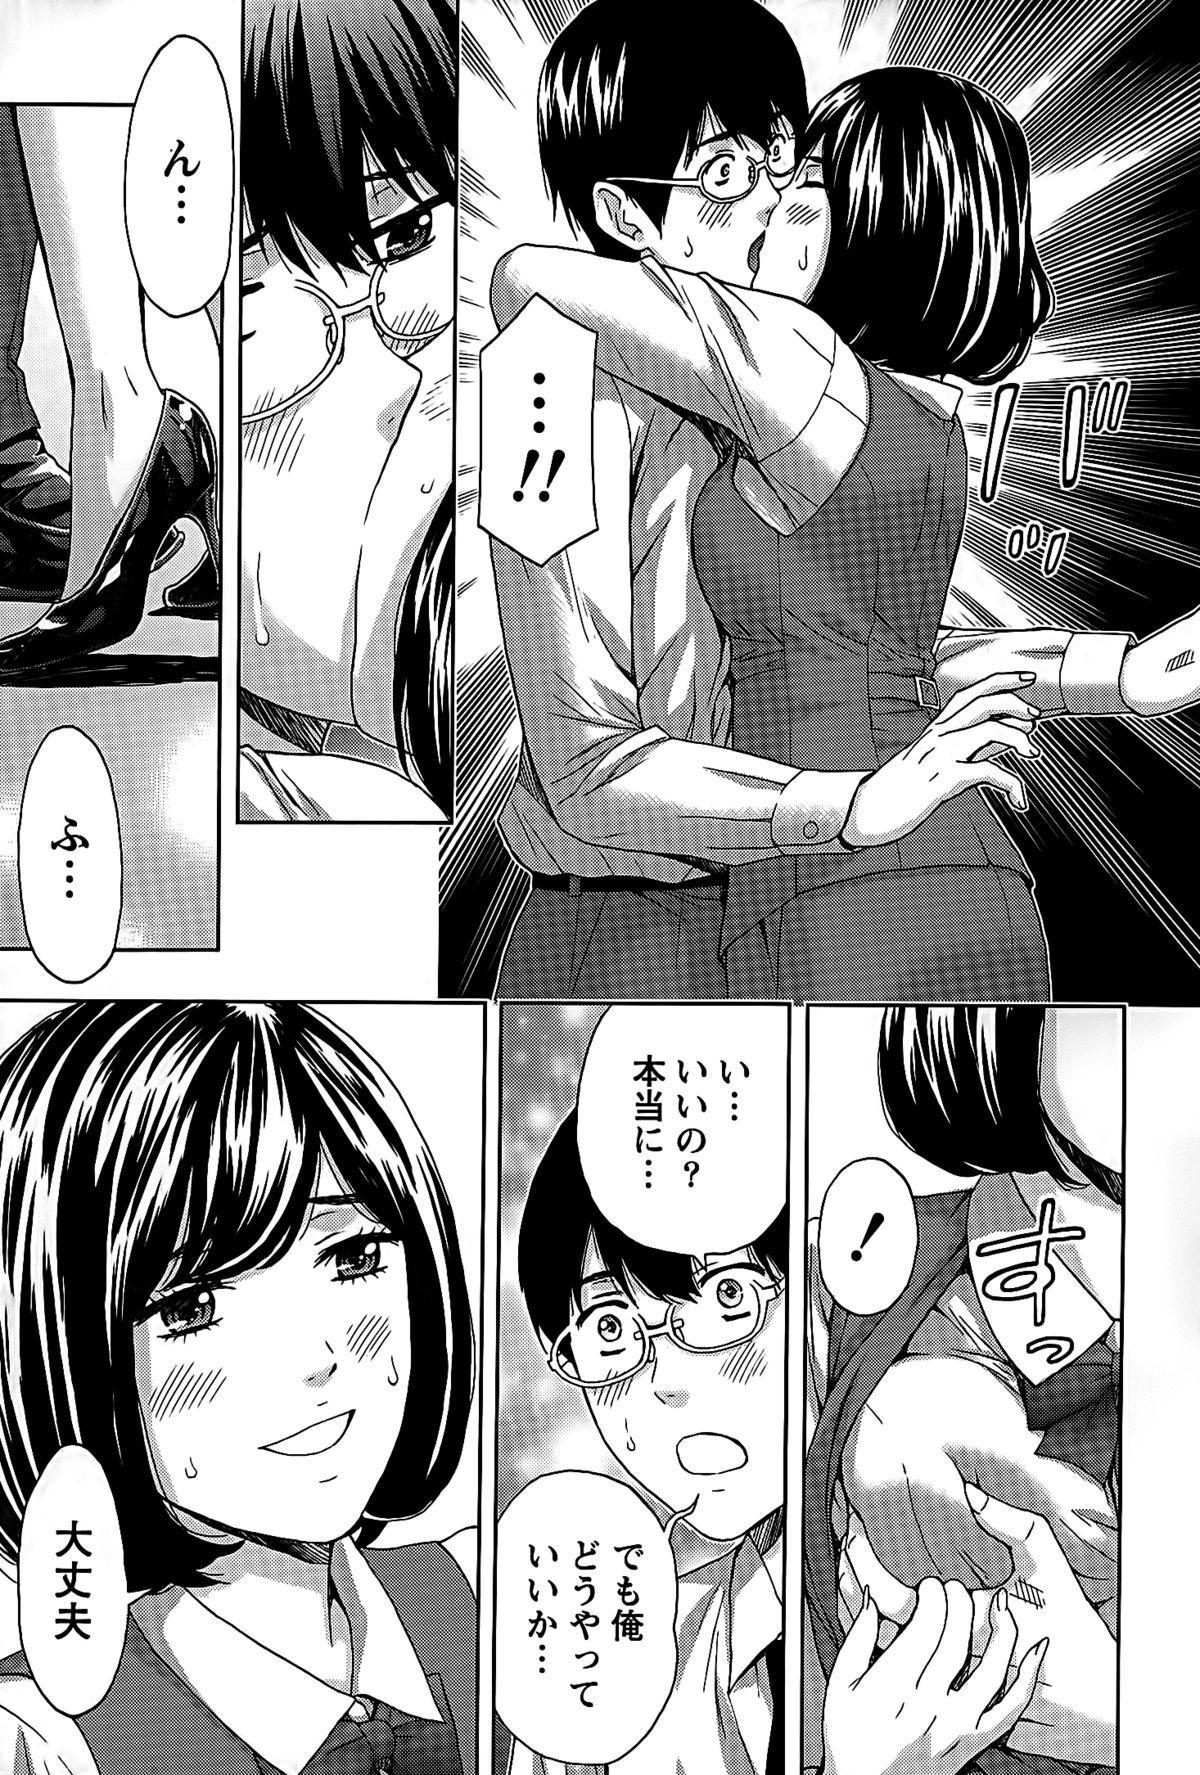 Shittori Lady to Amai Mitsu 96